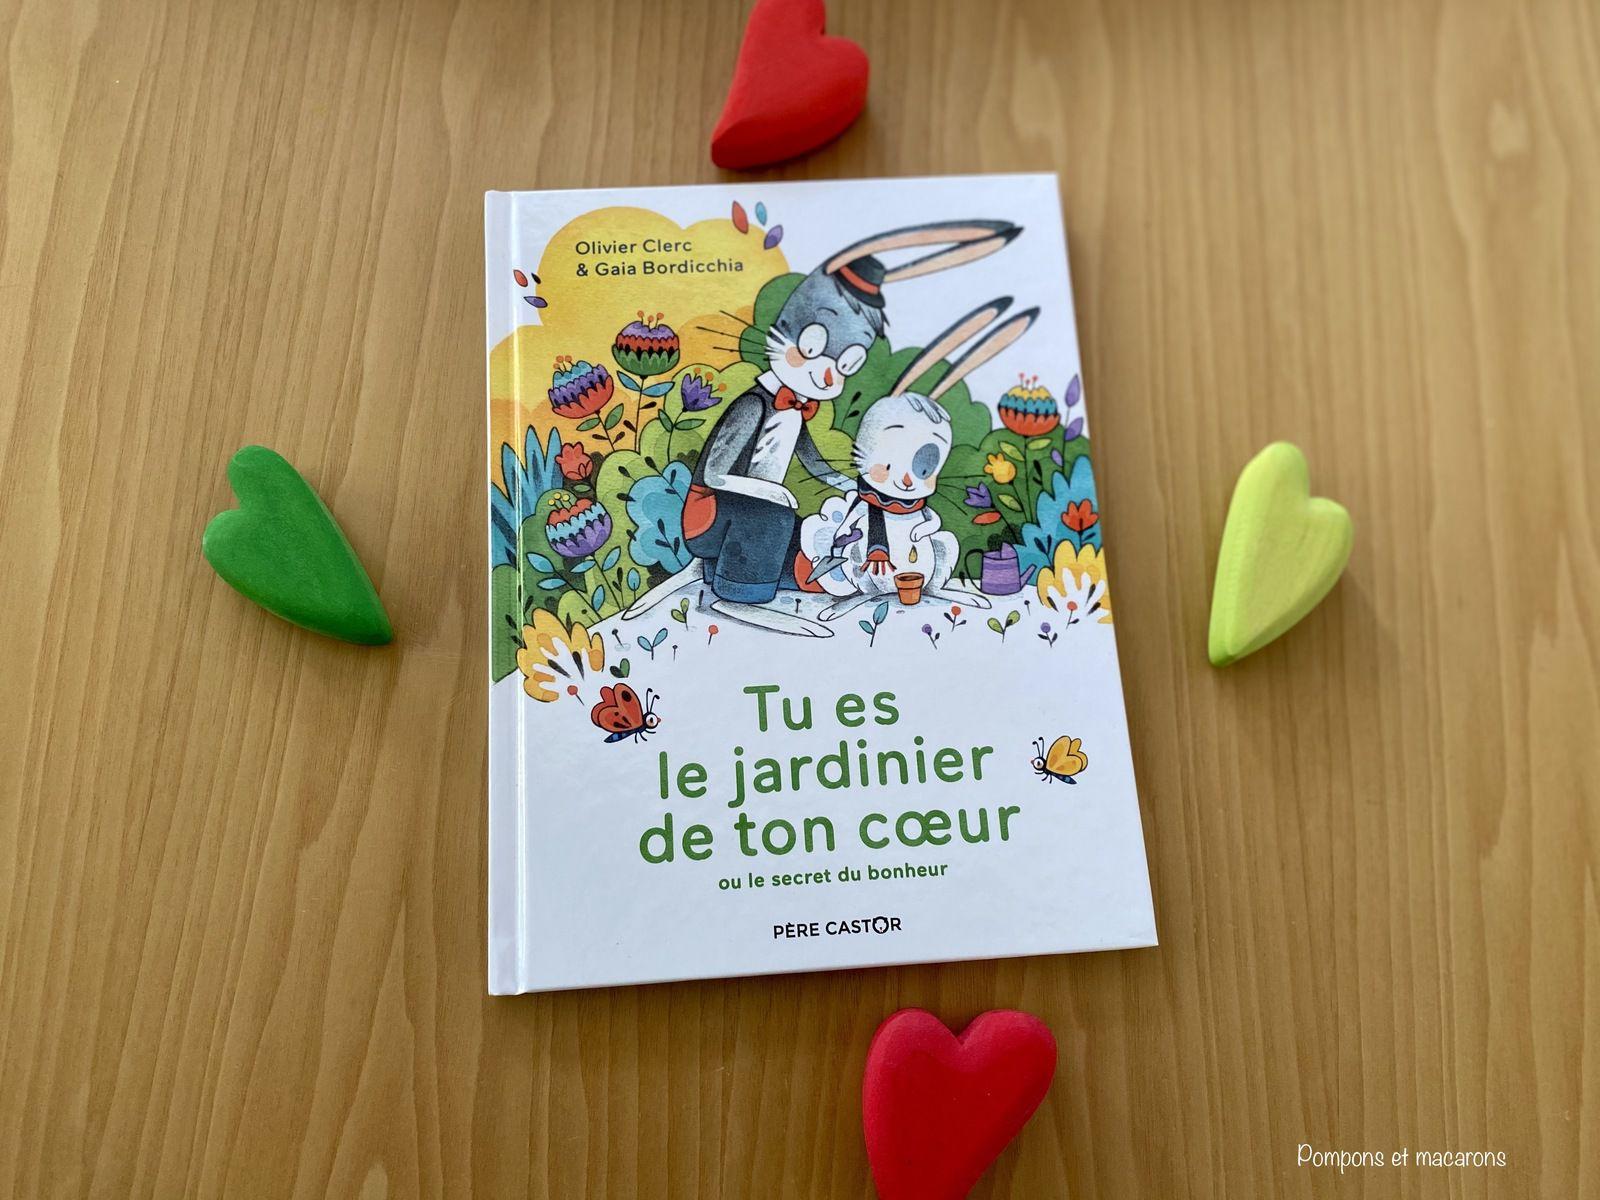 Des livres pour bien grandir: parler de communication bienveillante et savoir cultiver son jardin intérieur...